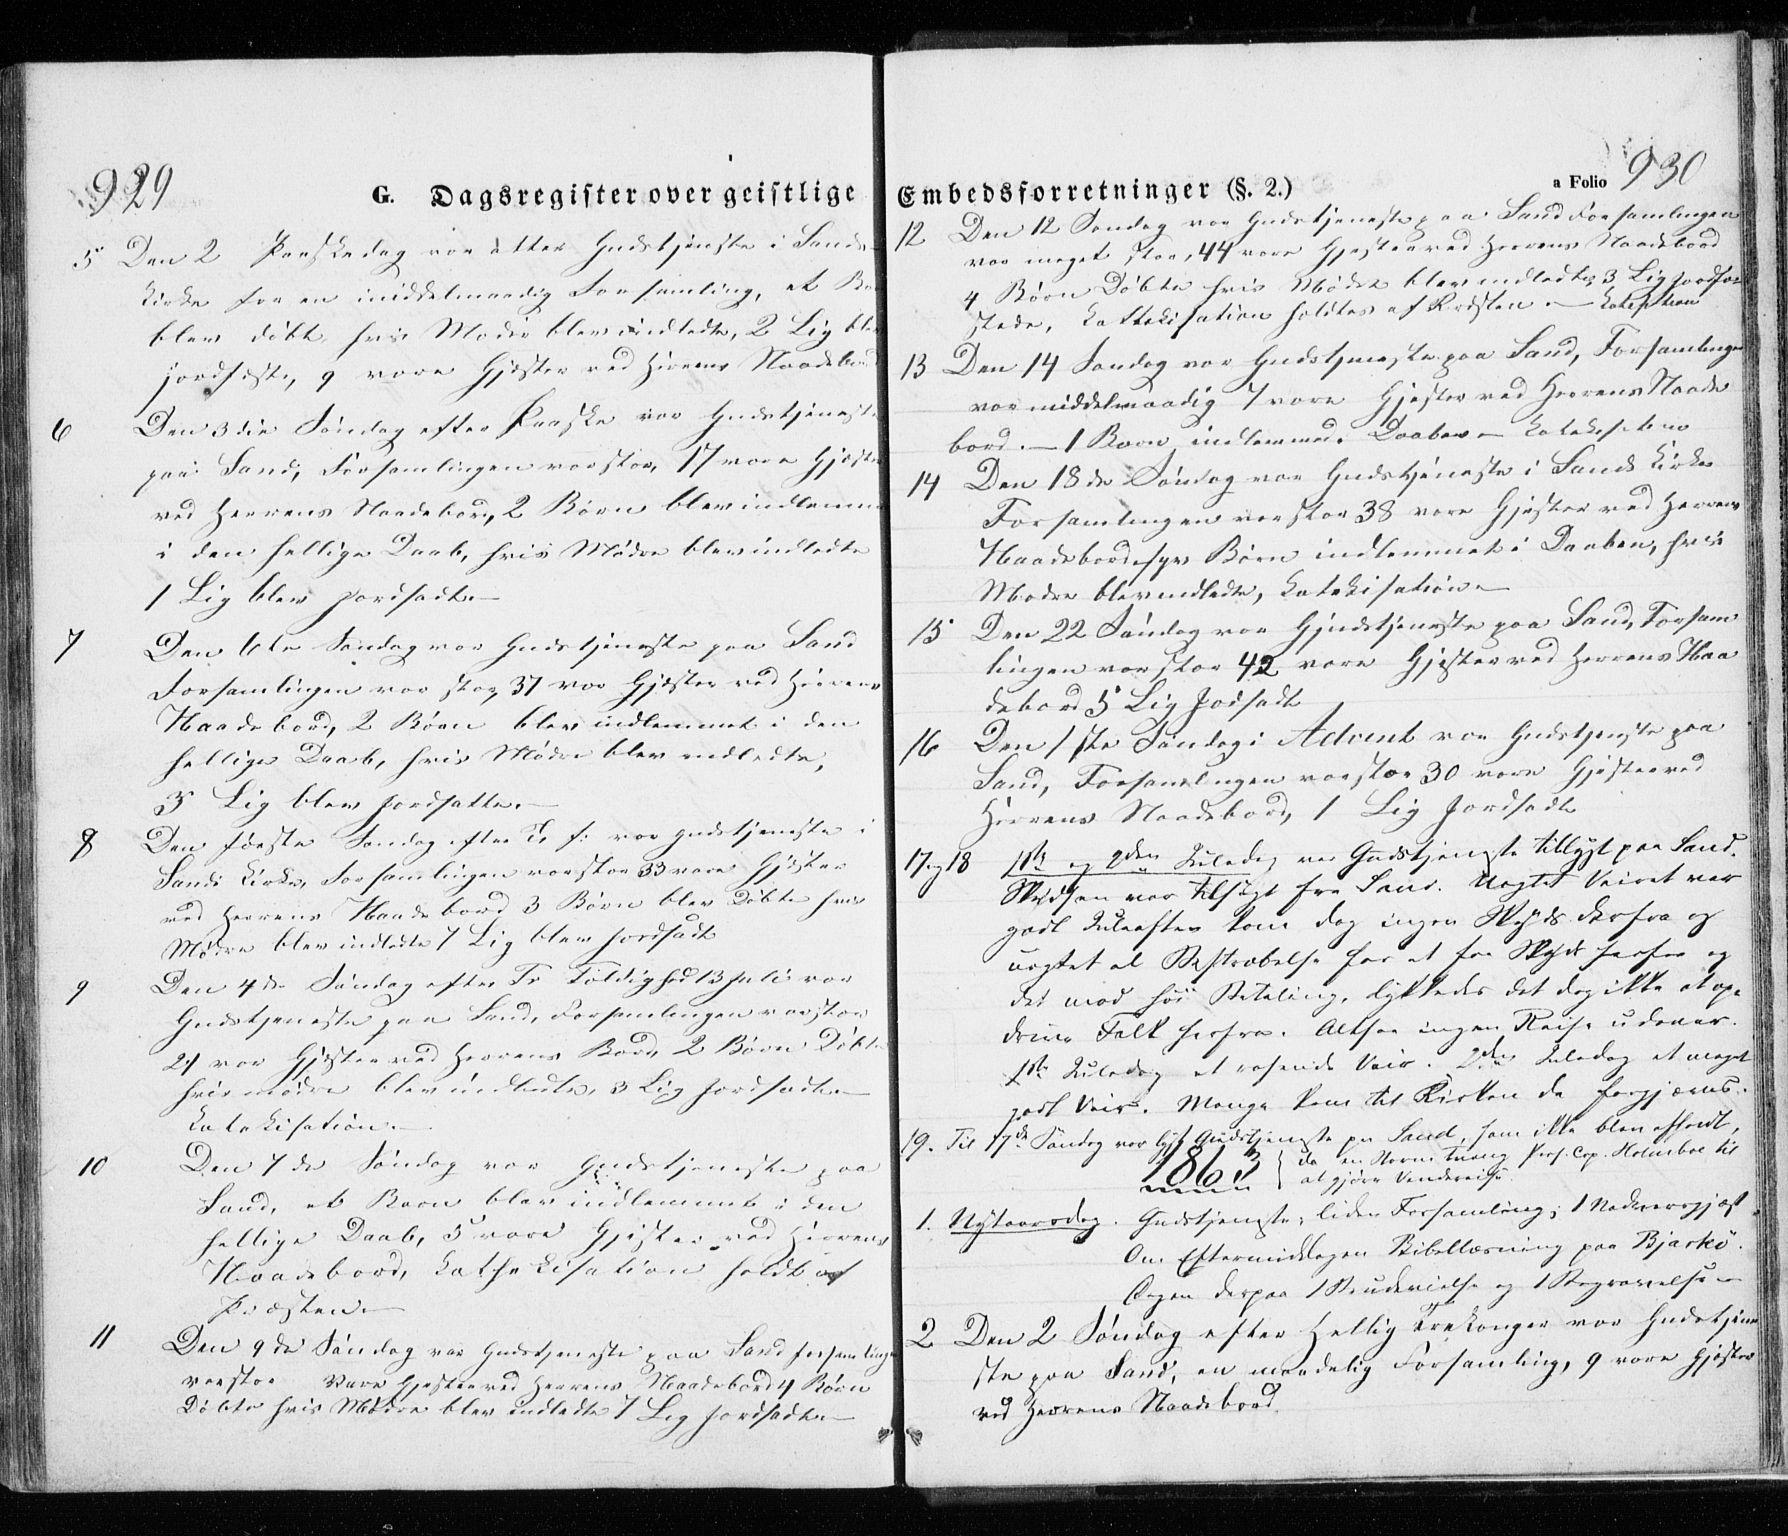 SATØ, Trondenes sokneprestkontor, H/Ha/L0010kirke: Ministerialbok nr. 10, 1840-1865, s. 929-930